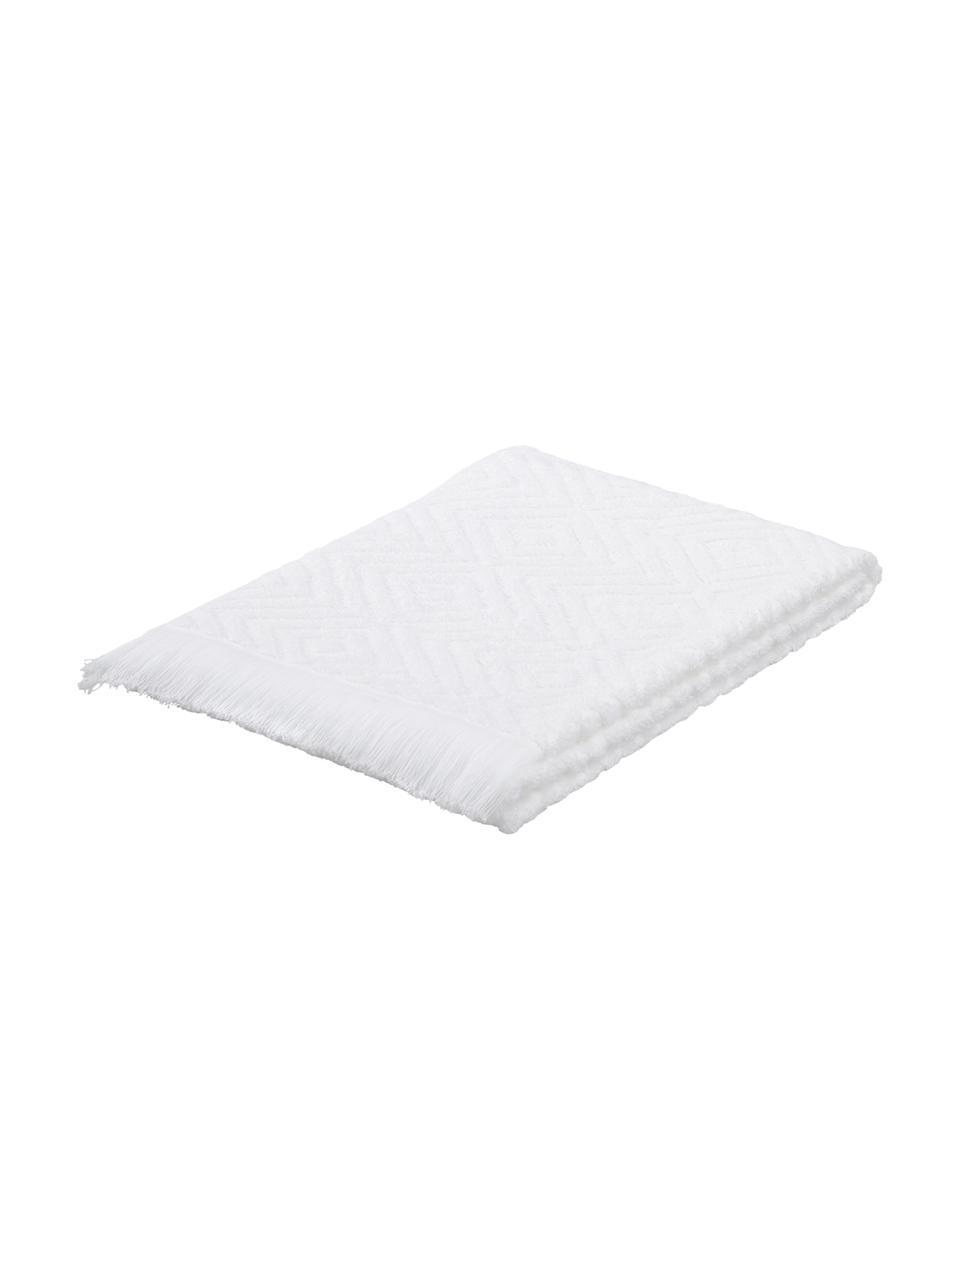 Handtuch Jacqui in verschiedenen Größen, mit Hoch-Tief-Muster, Weiß, Gästehandtuch